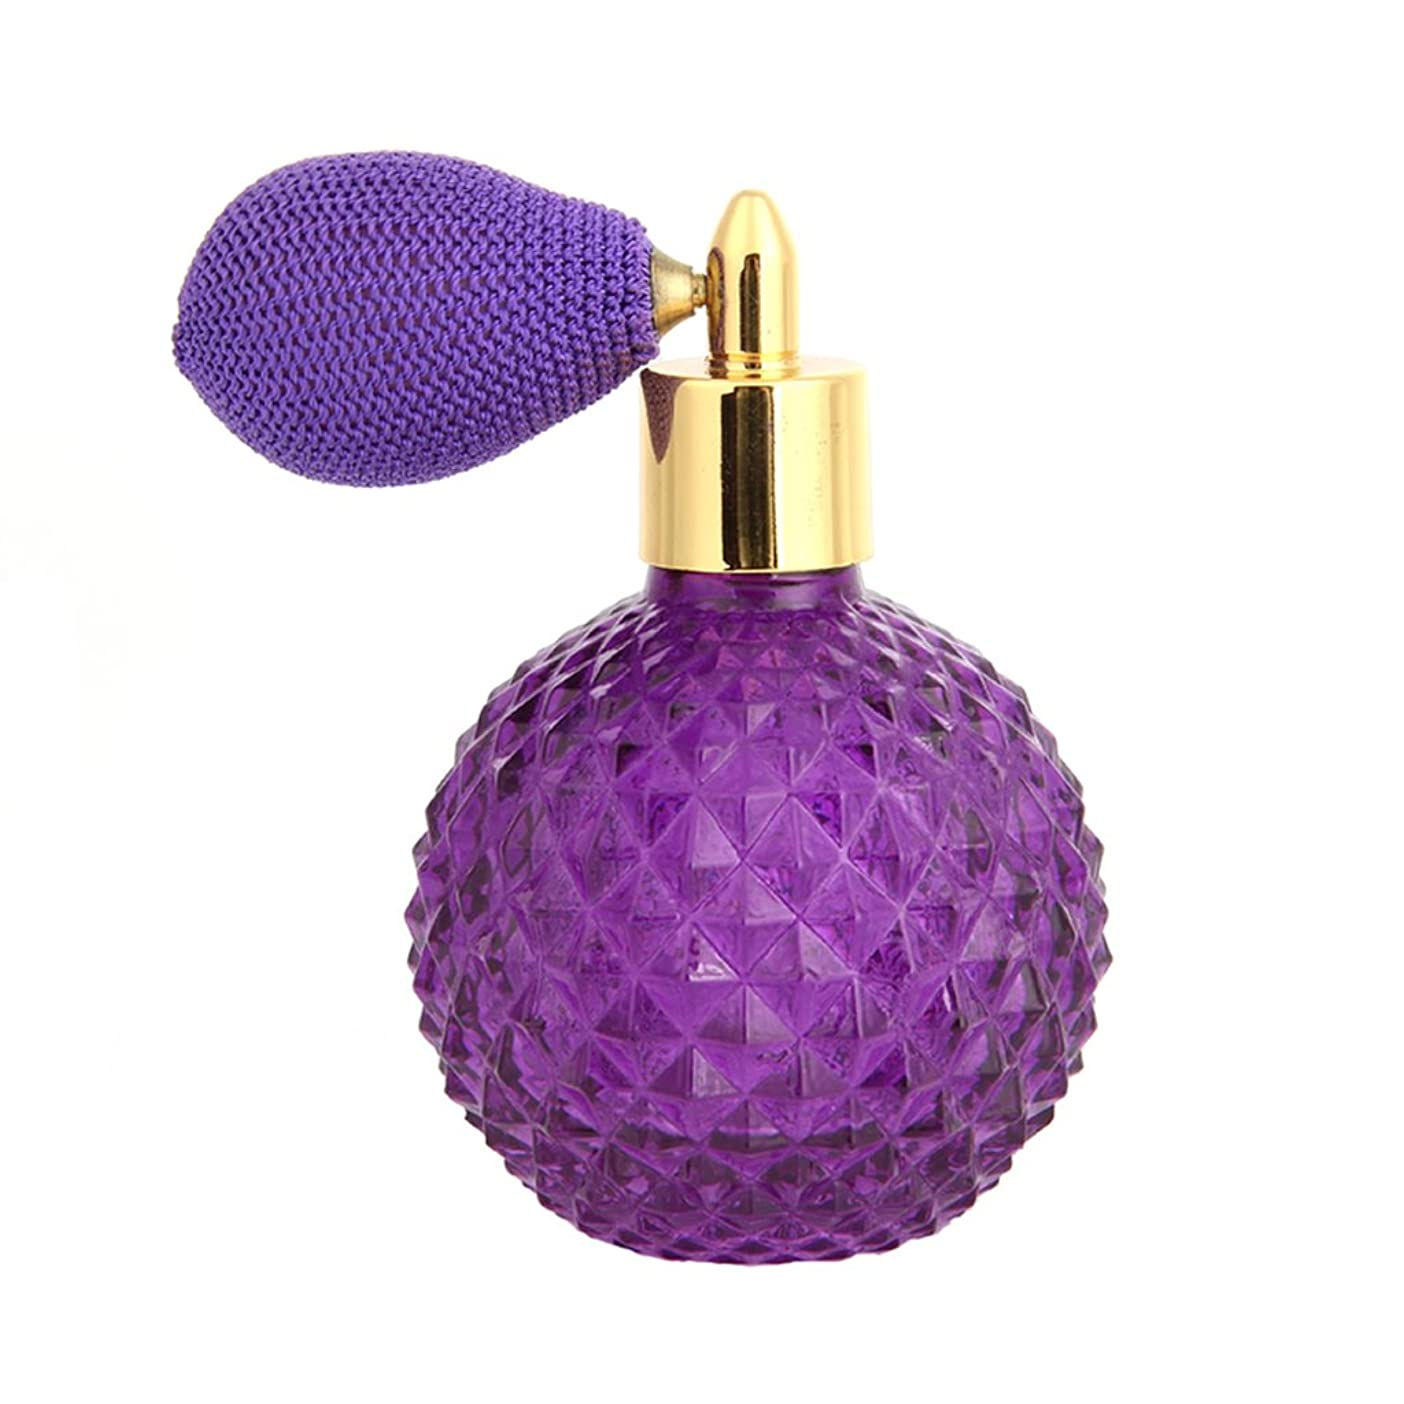 ライセンス先入観テキストDabixx 女性ヴィンテージ香水瓶ショートスプレーアトマイザー詰め替え空のグラス100ミリリットル - 紫の